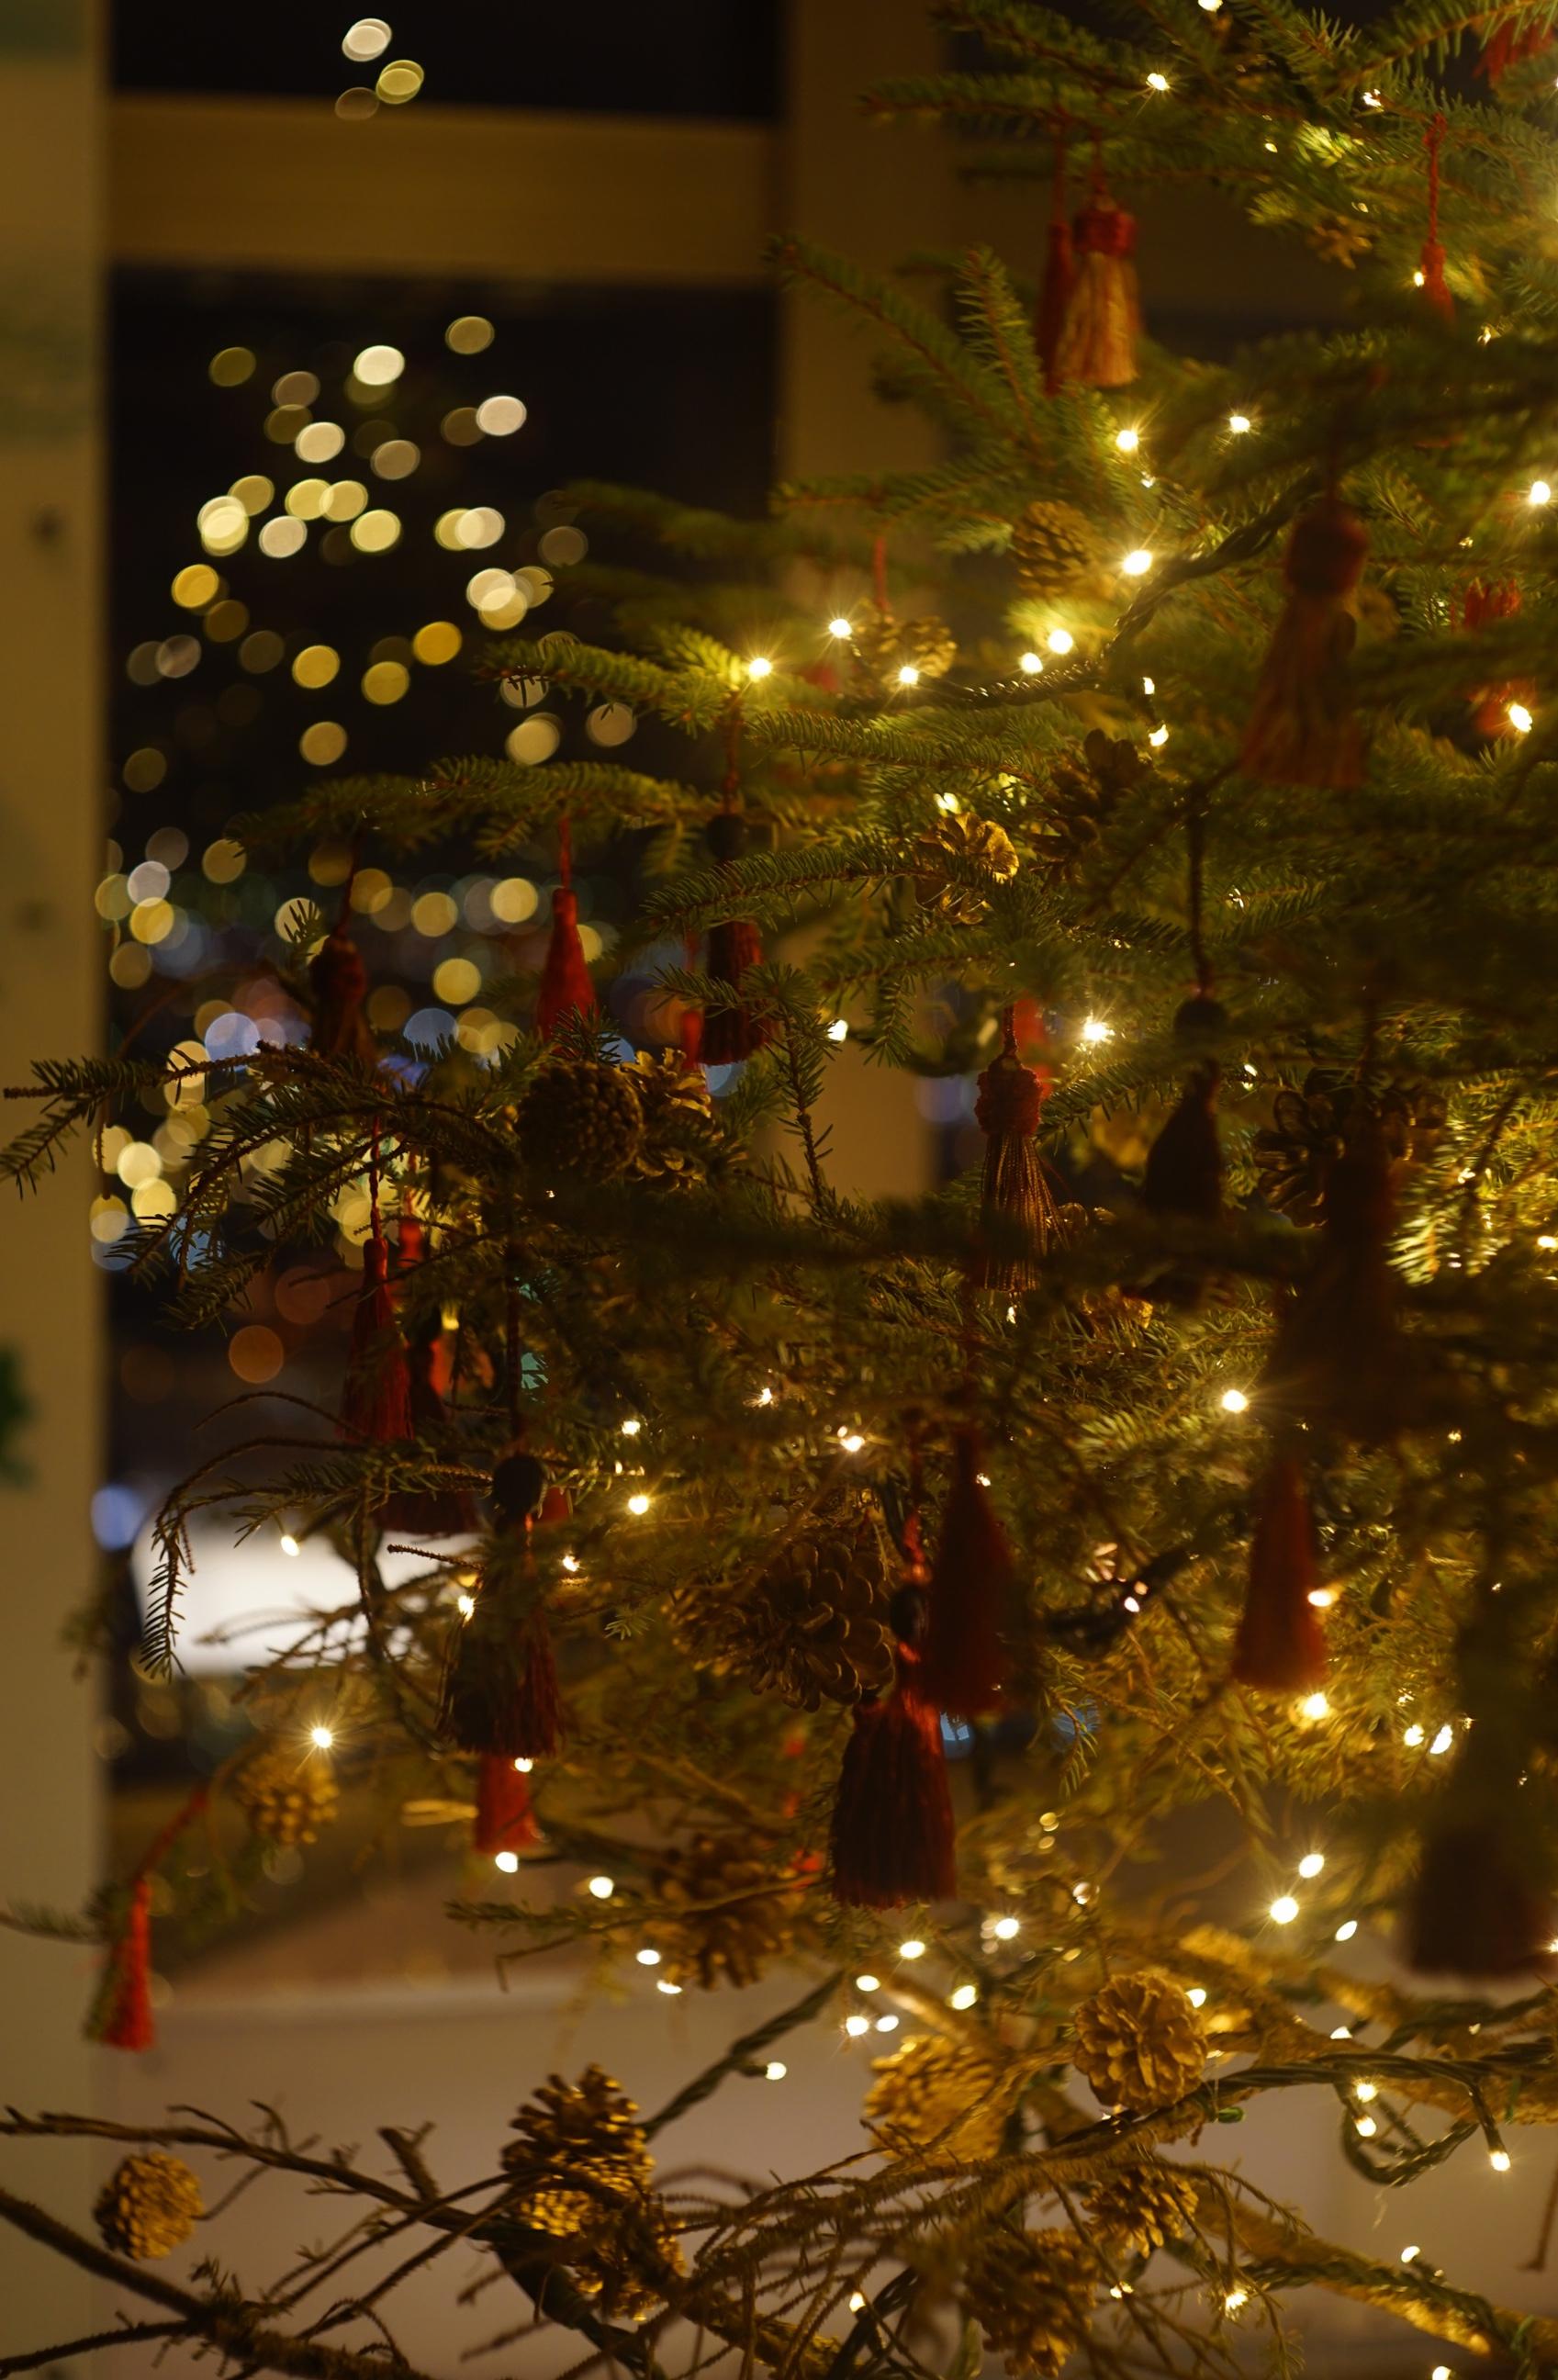 クリスマスツリー@JRタワー展望室T38(タワー・スリーエイト)